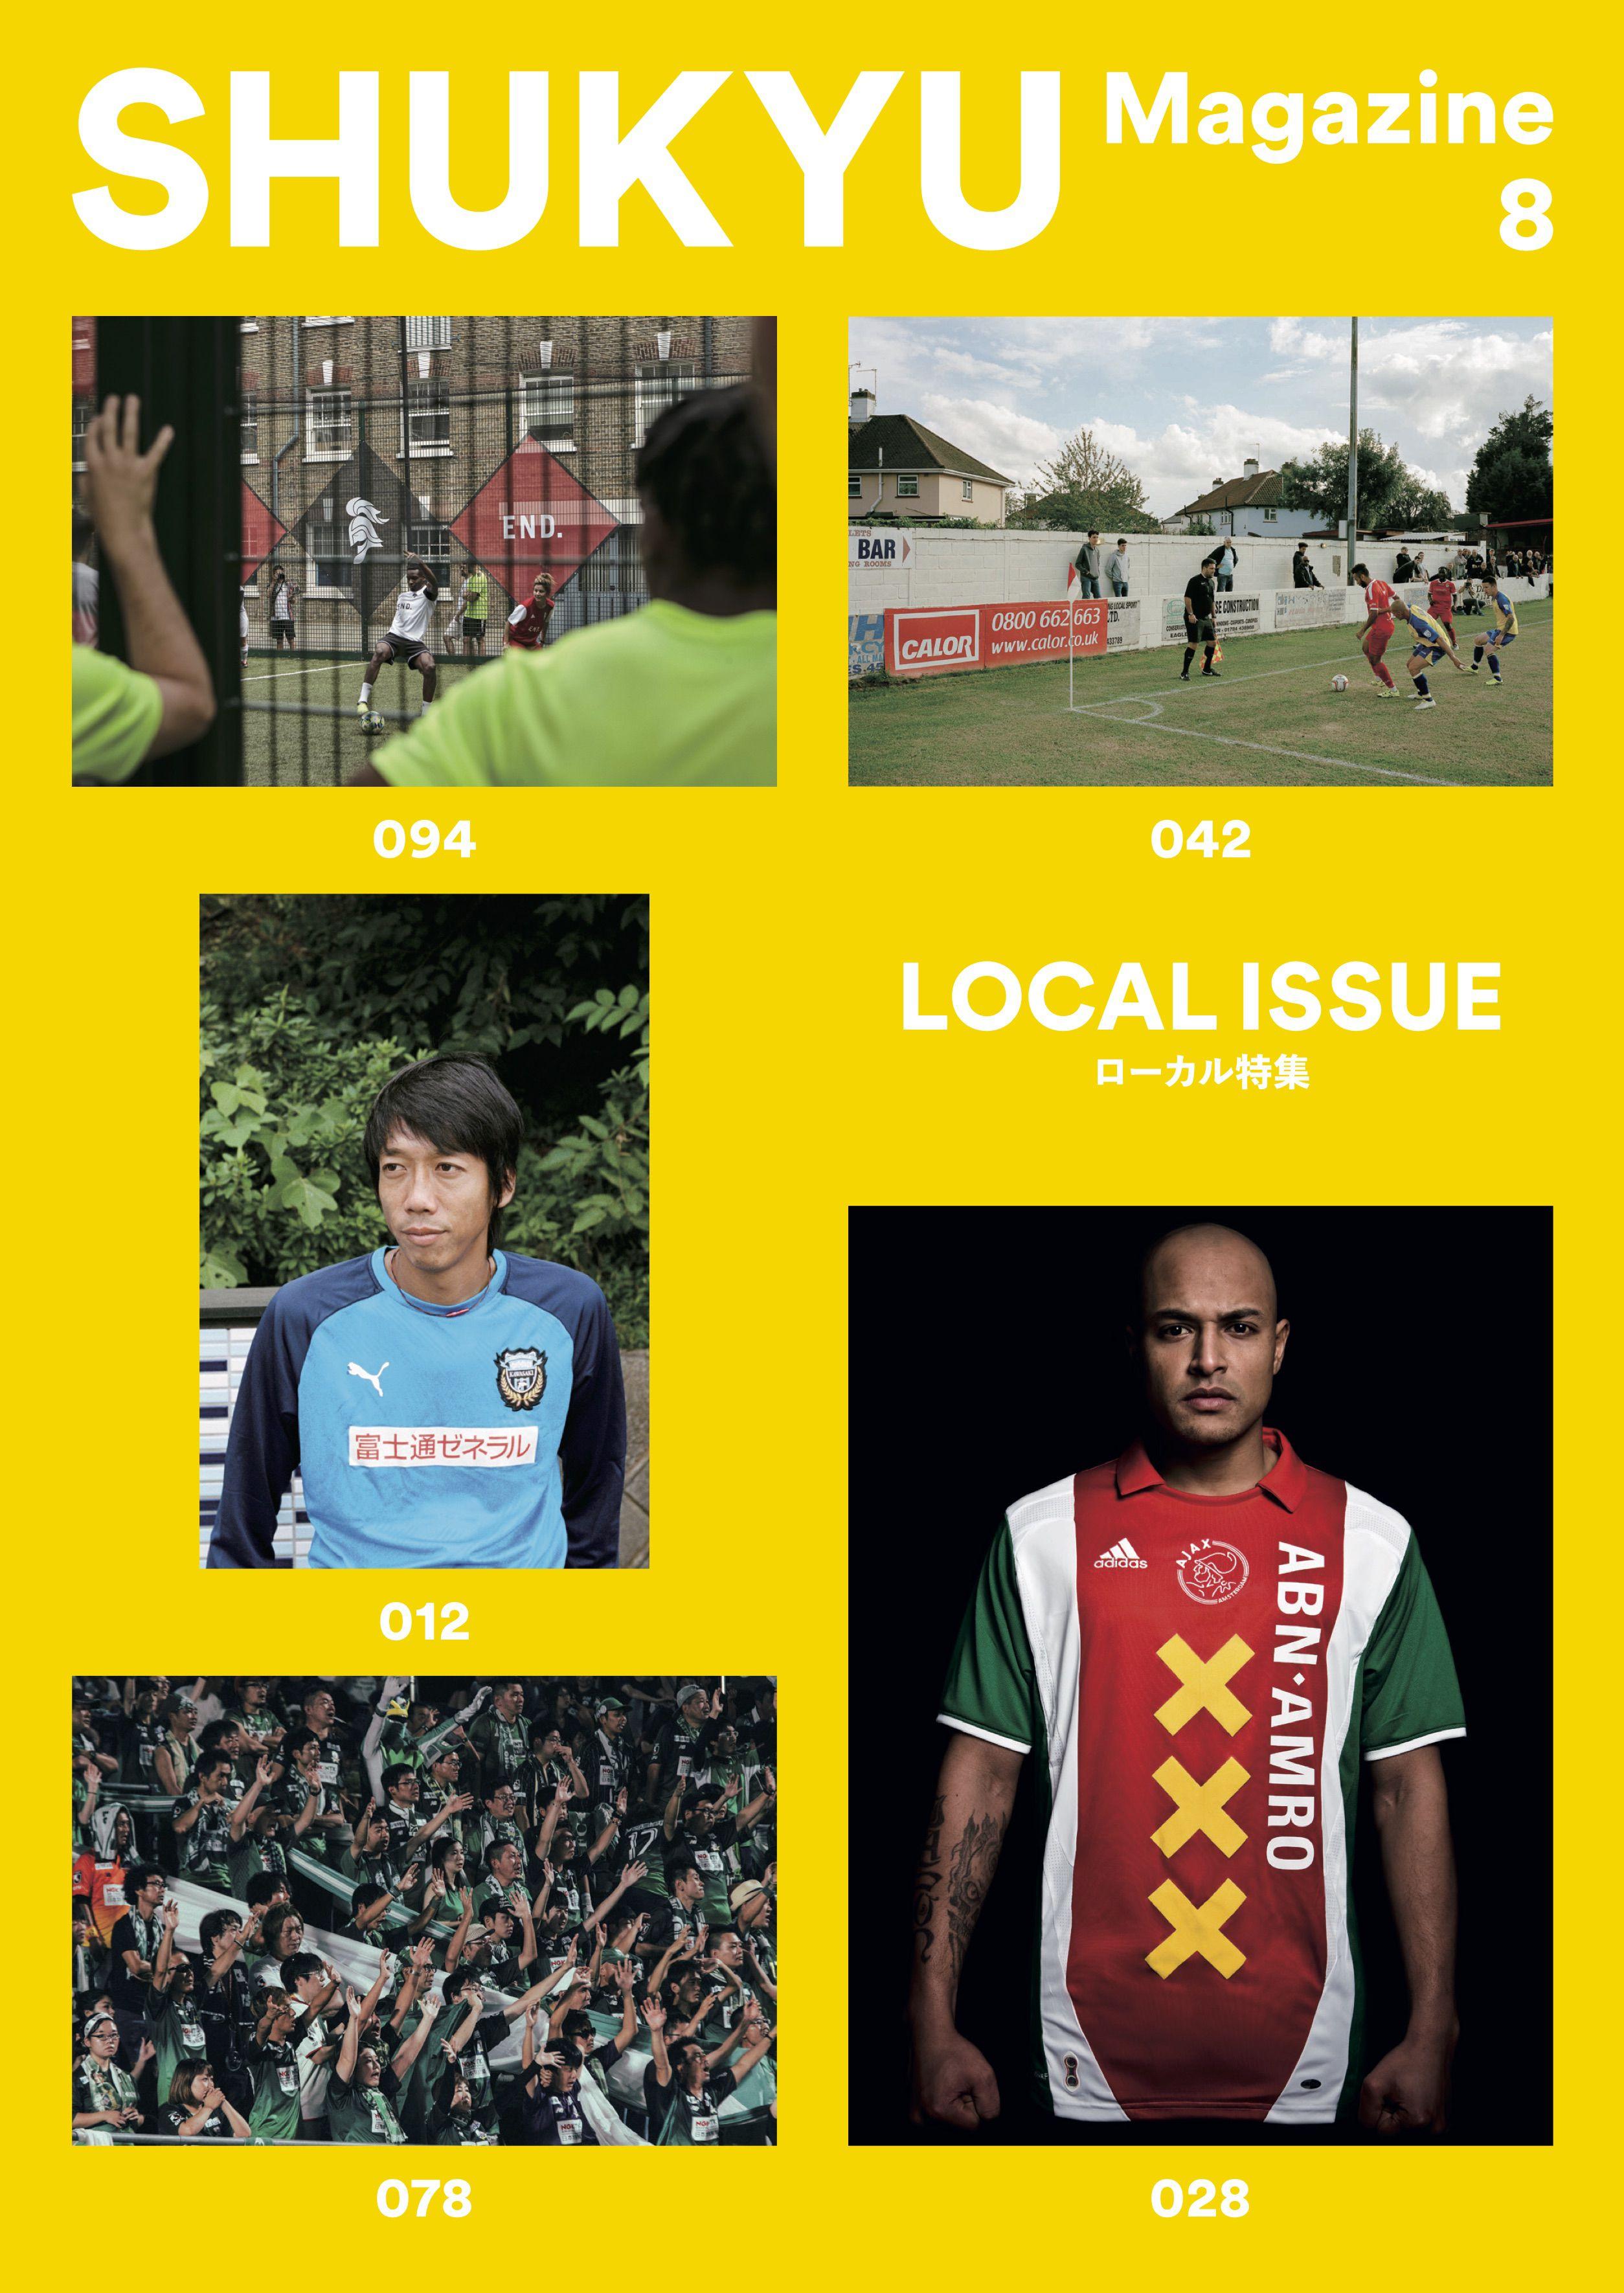 SHUKYU Magazine LOCAL ISSUE